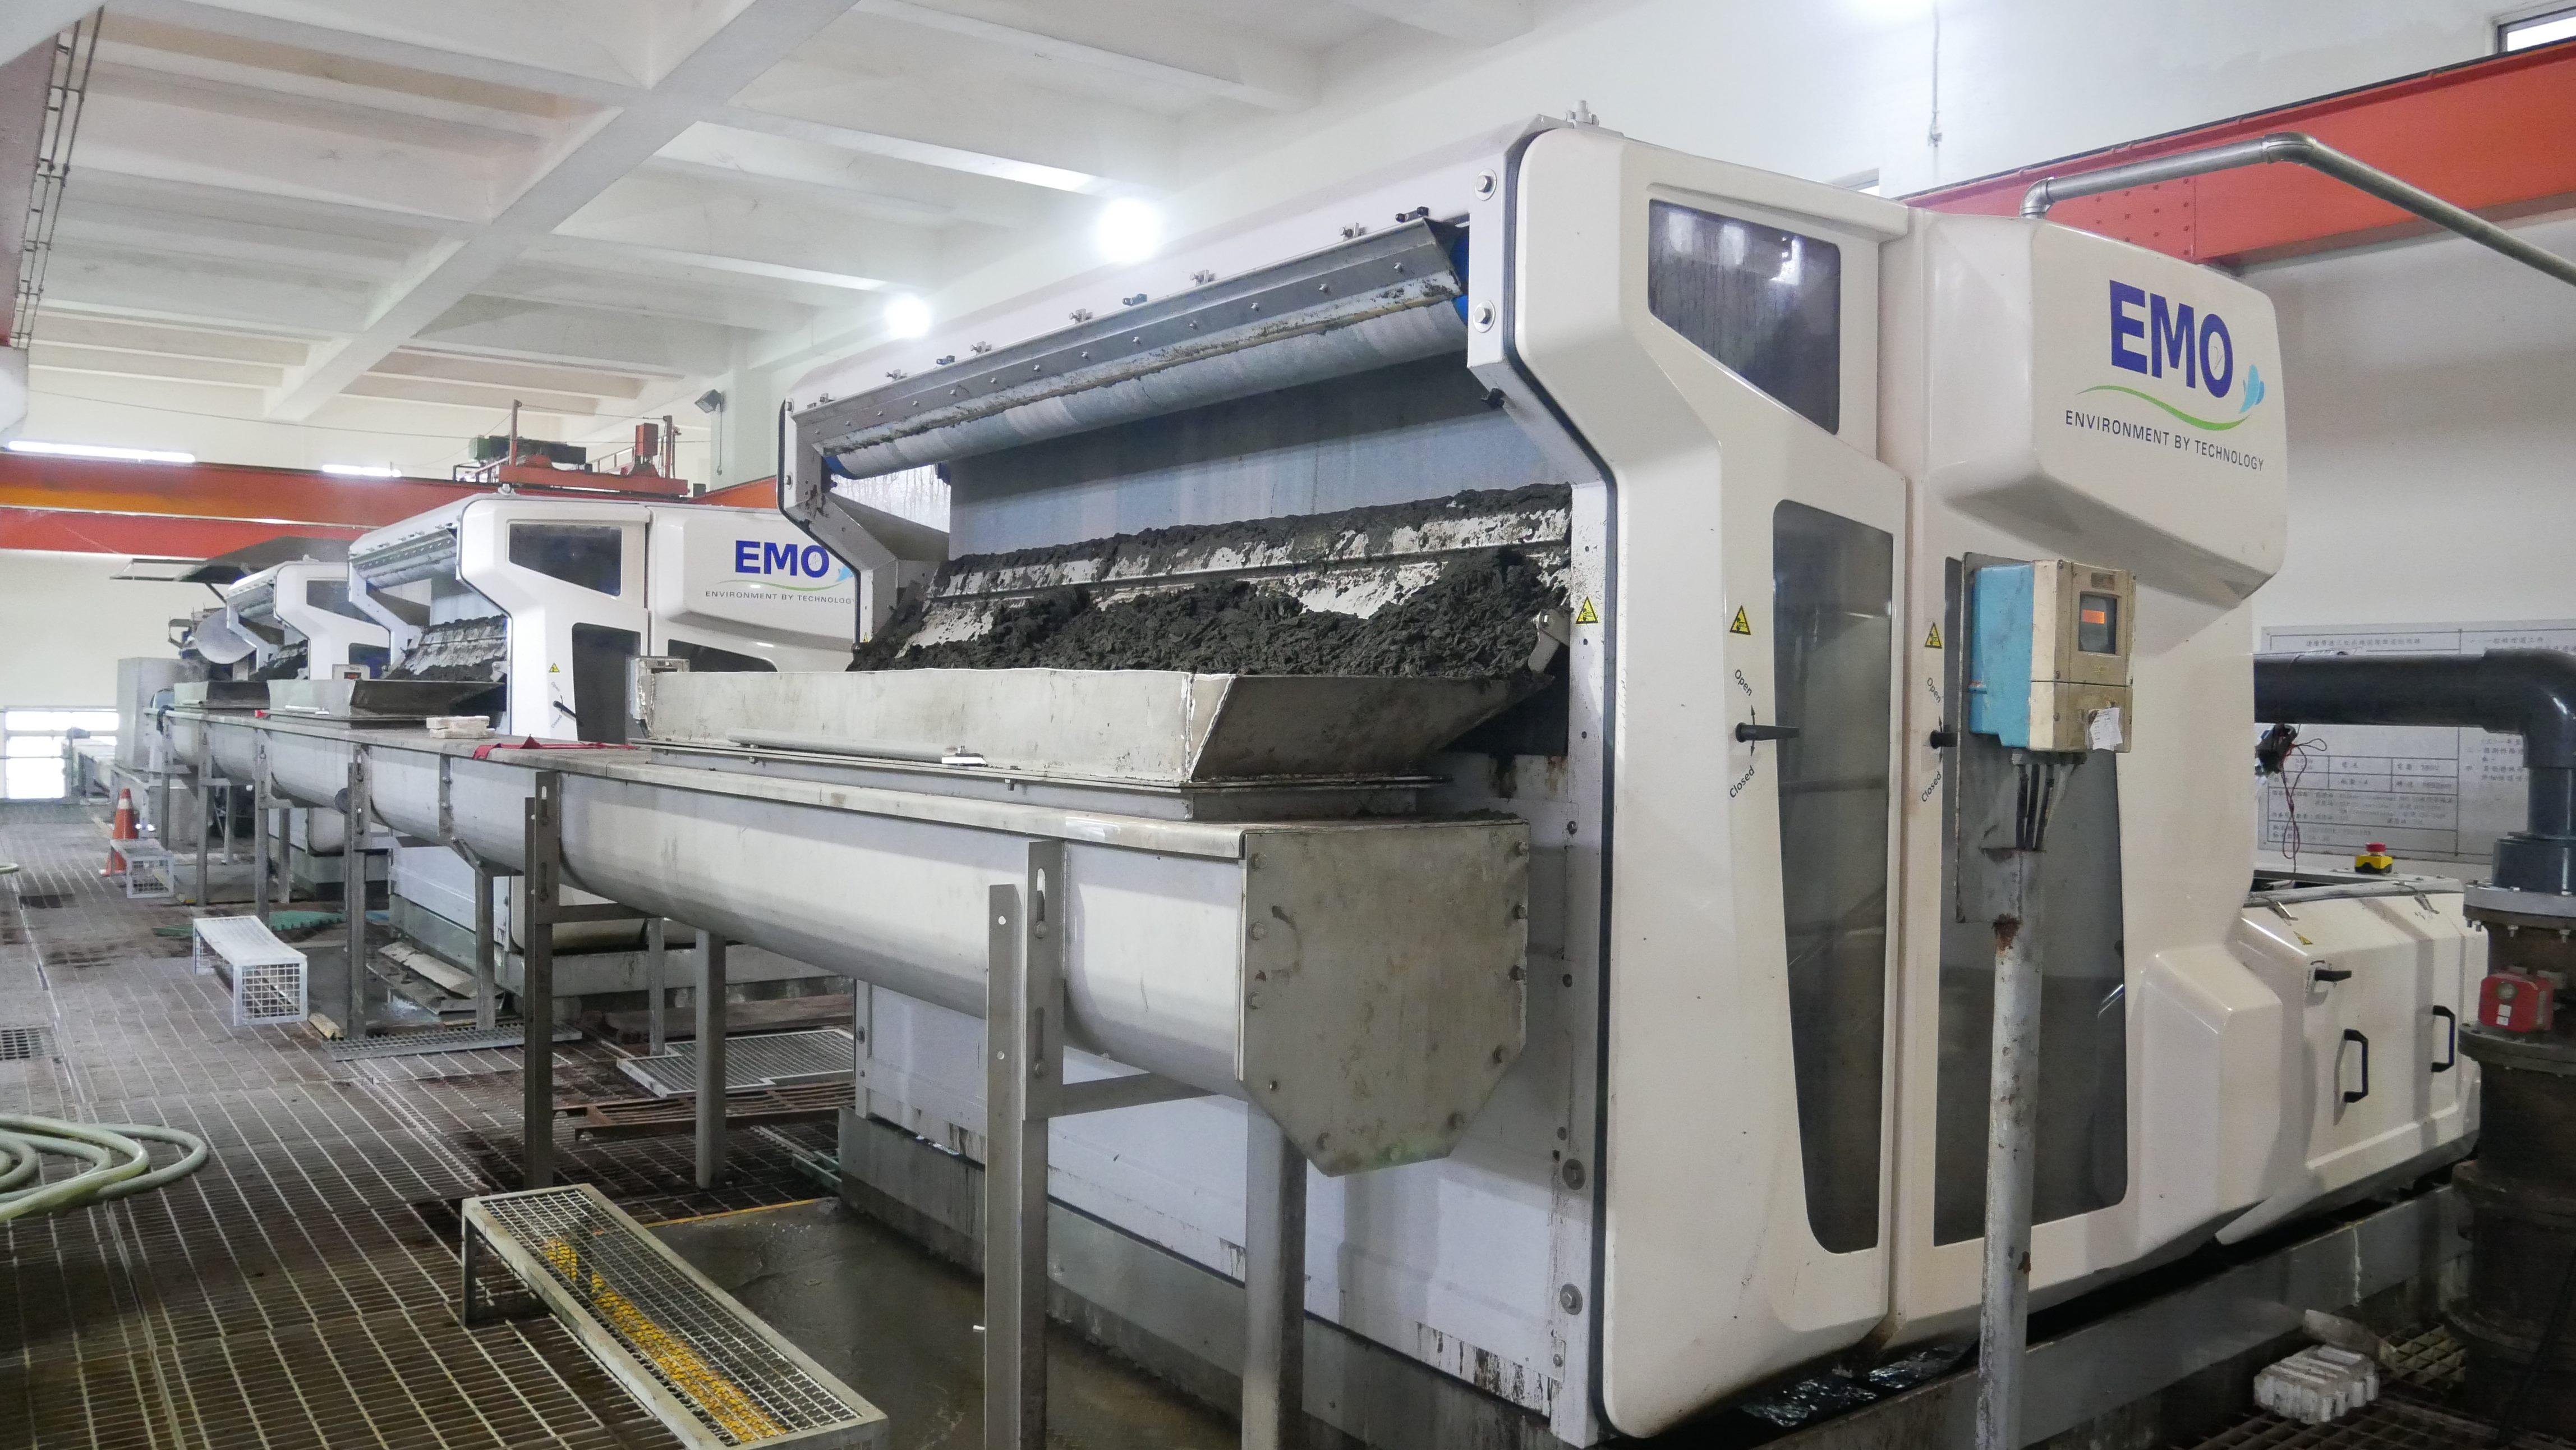 設施類03-迪化污水處理廠設備更新工程(第㇐期)-脫水機及濃縮機等設備